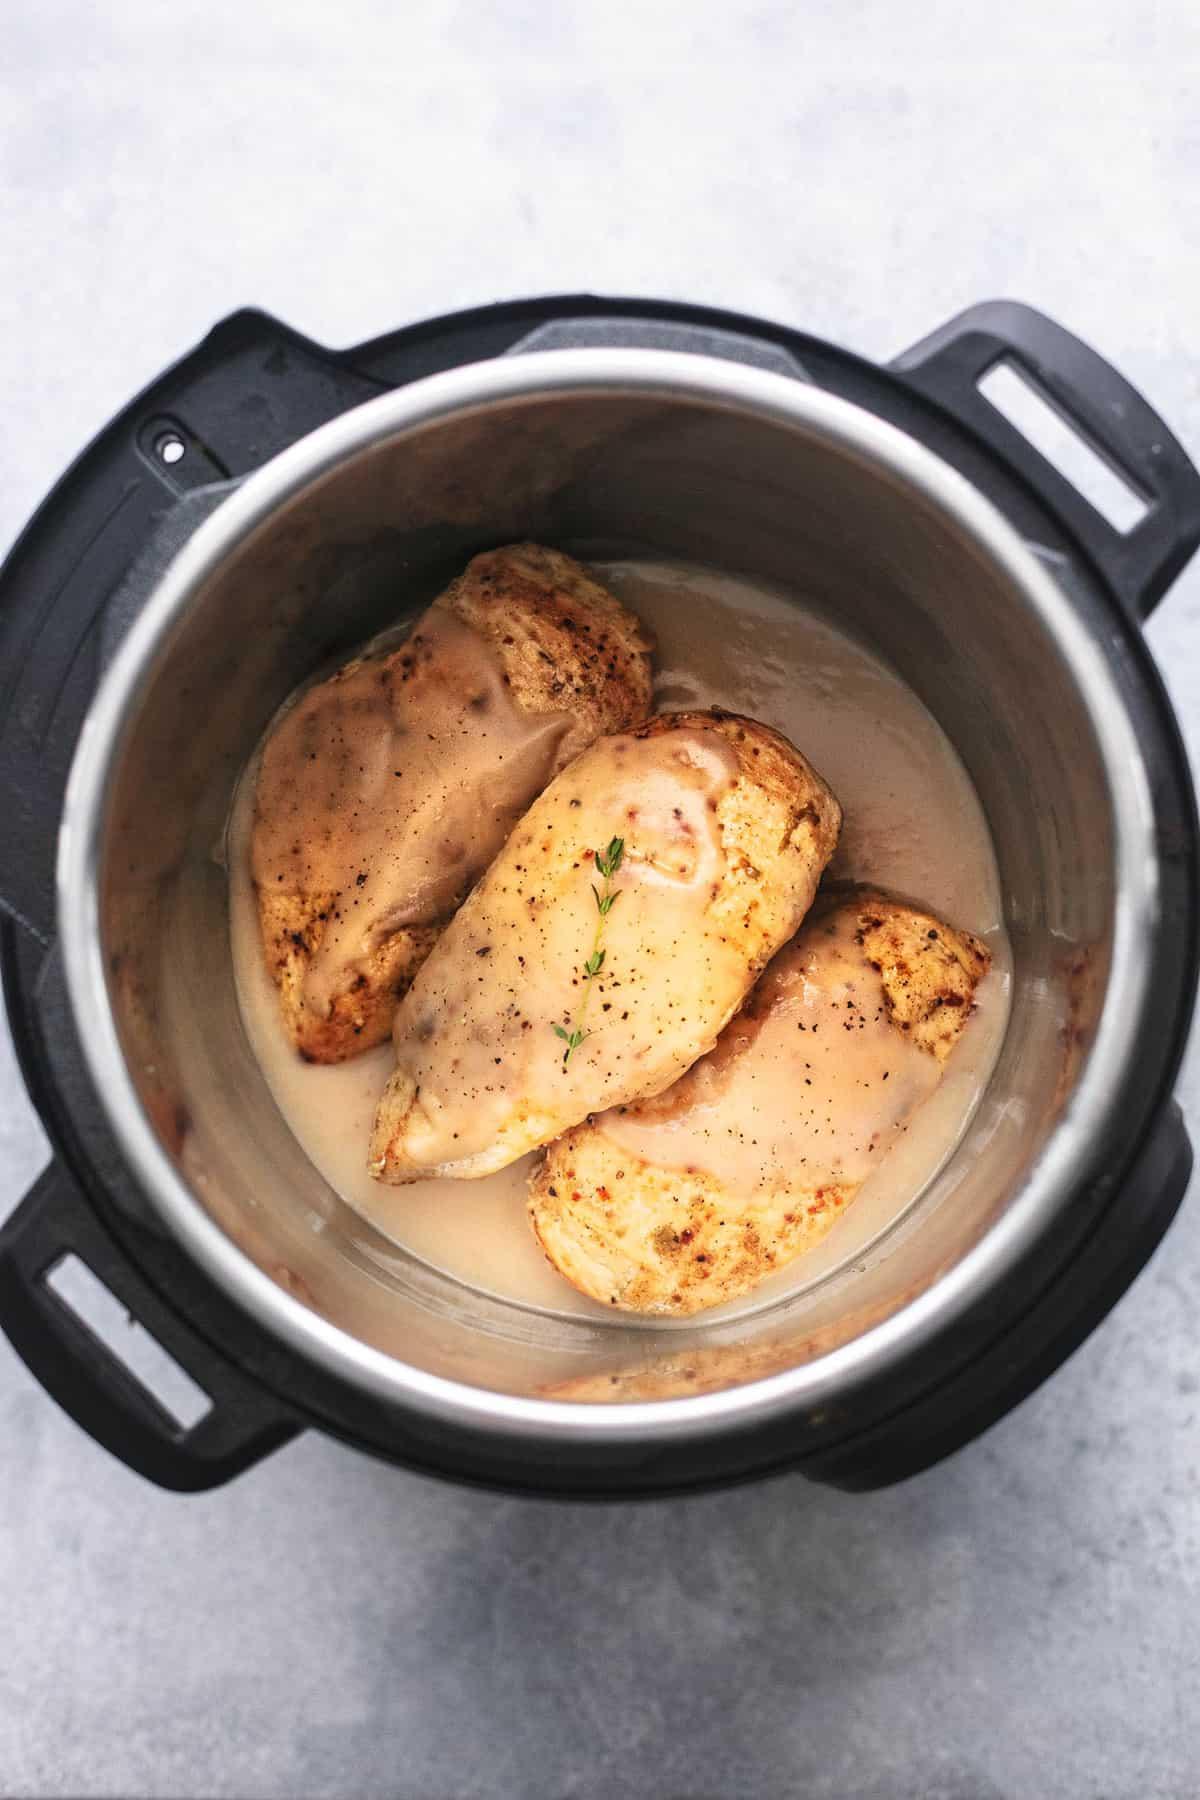 Instant Pot Hähnchenbrust und Soße einfach Schnellkochtopf Abendessen Rezept | lecremedelacrumb.com